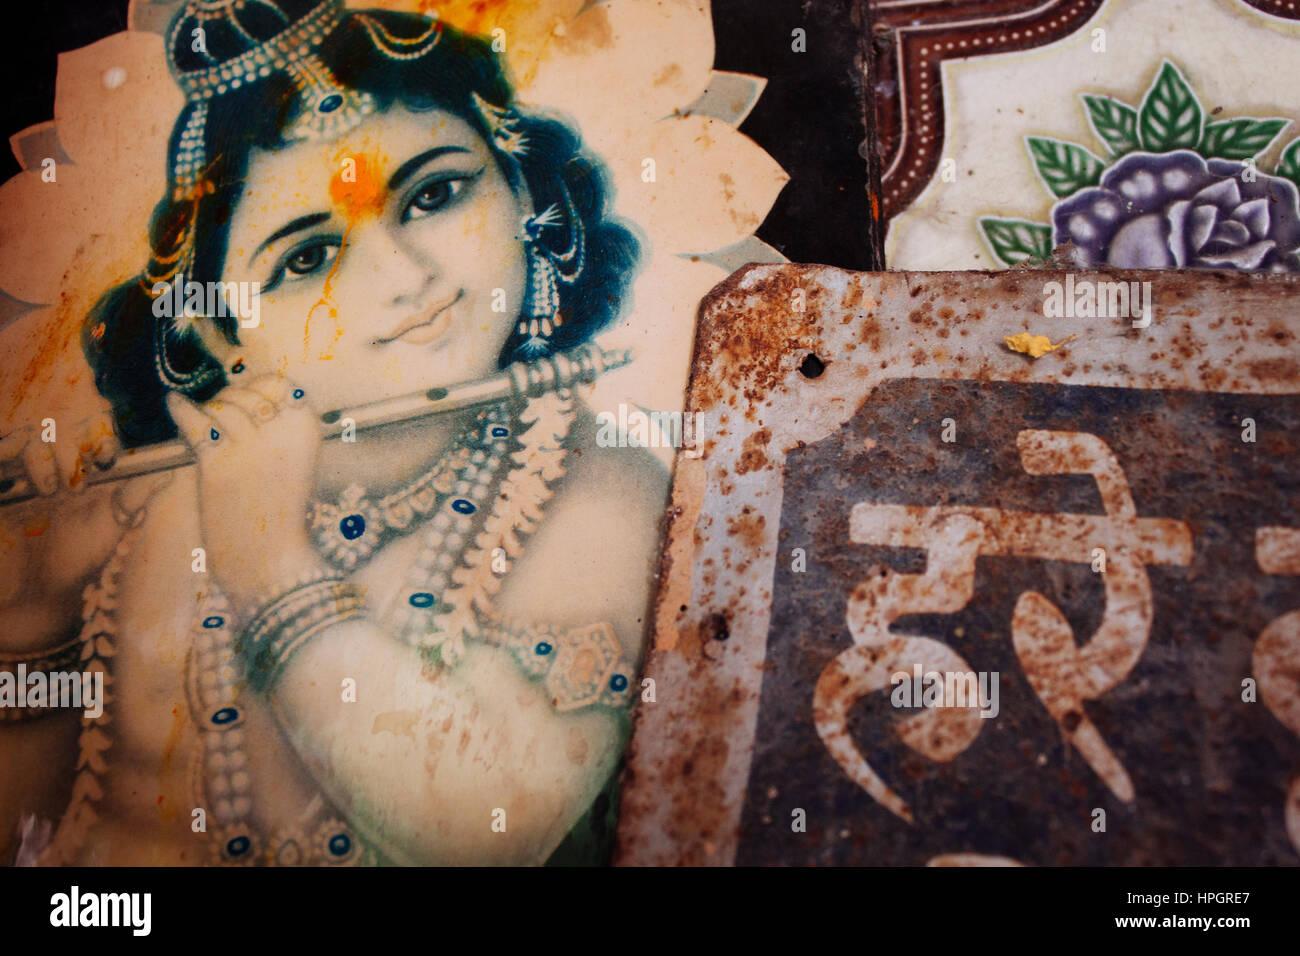 Krishna e il sanscrito tempio dell'immagine. Immagini Stock